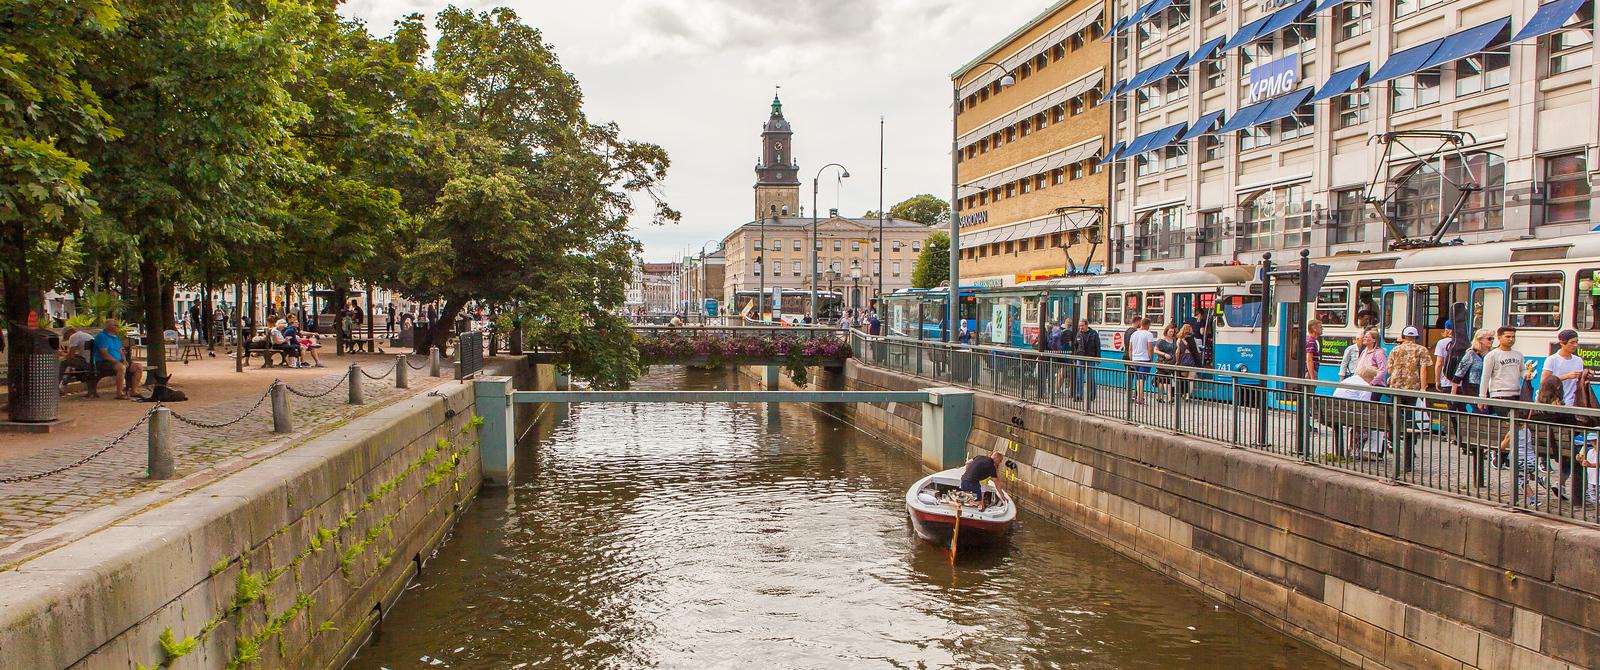 瑞典哥德堡,街头杂景